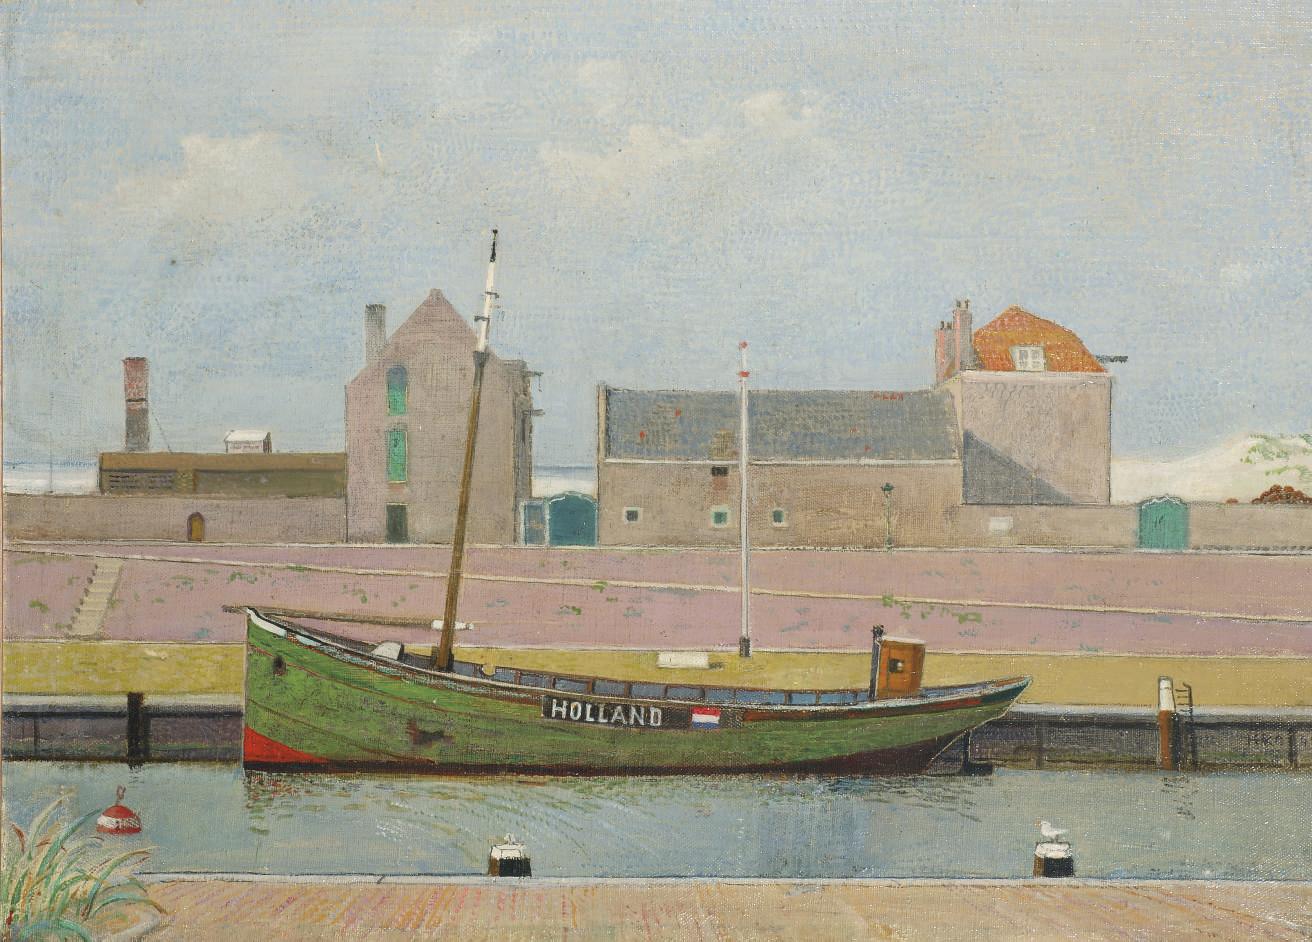 Scheveningse haven - The harbour of Scheveningen